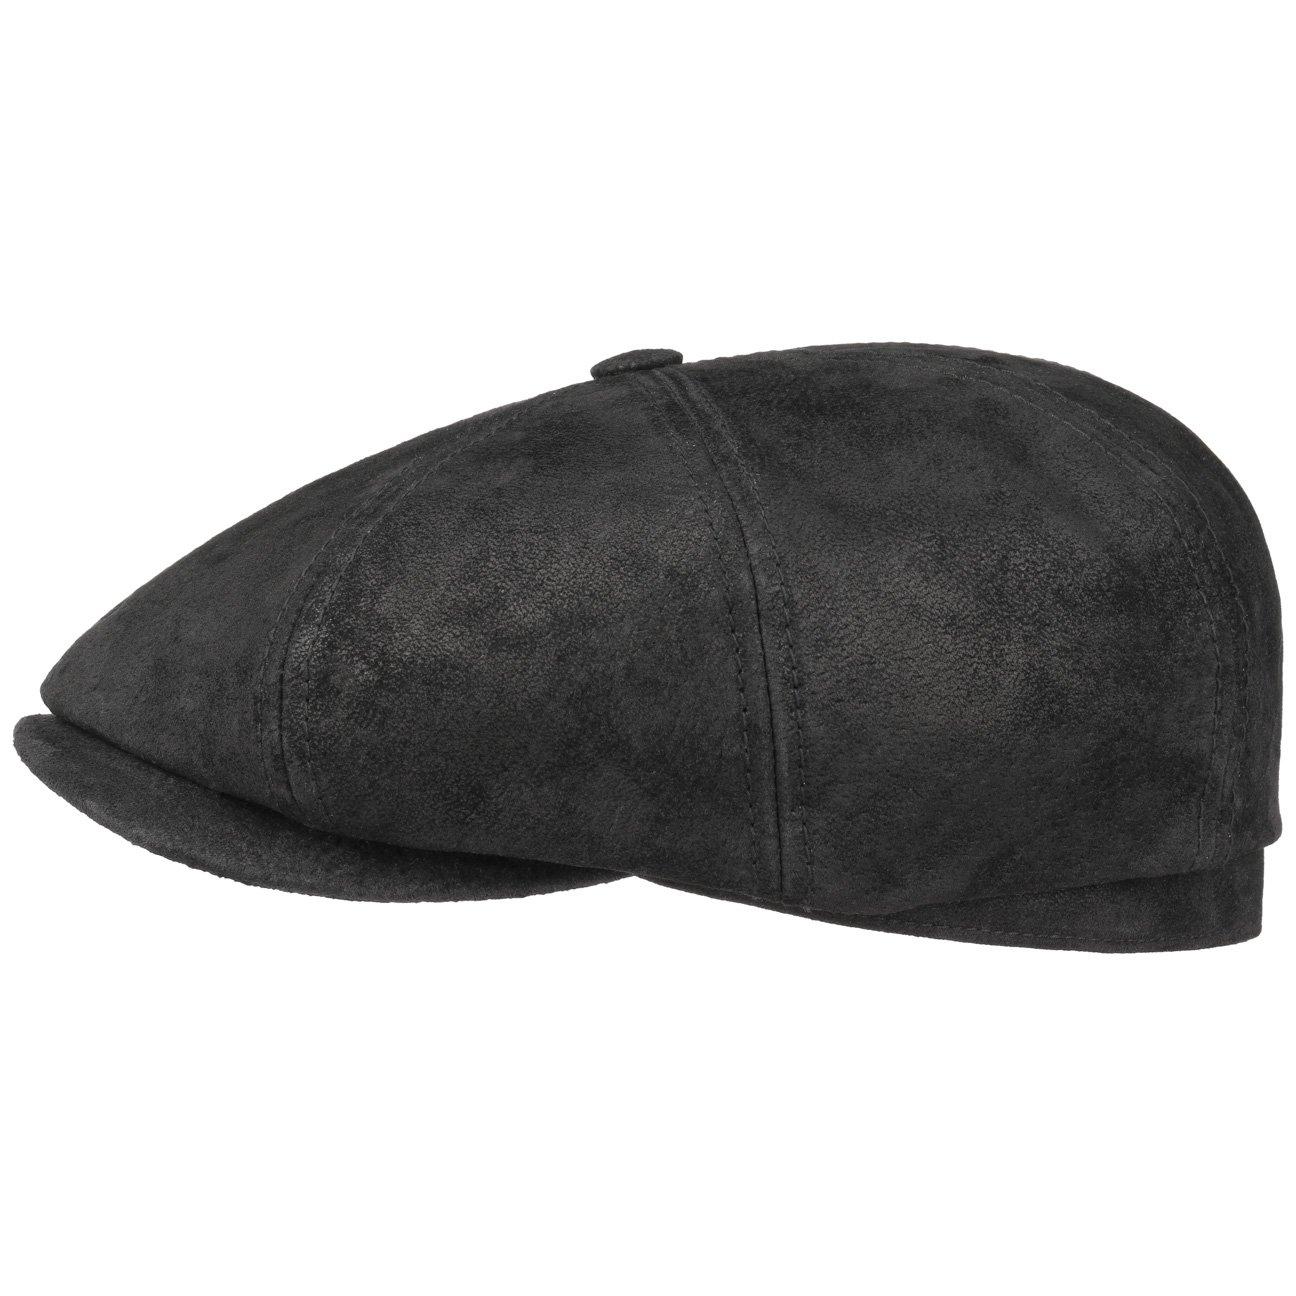 Stetson Hatteras Pigskin Flatcap für Herren Schirmmützen Ballonmütze Schiebermütze mit Schirm, Futter Winter Sommer